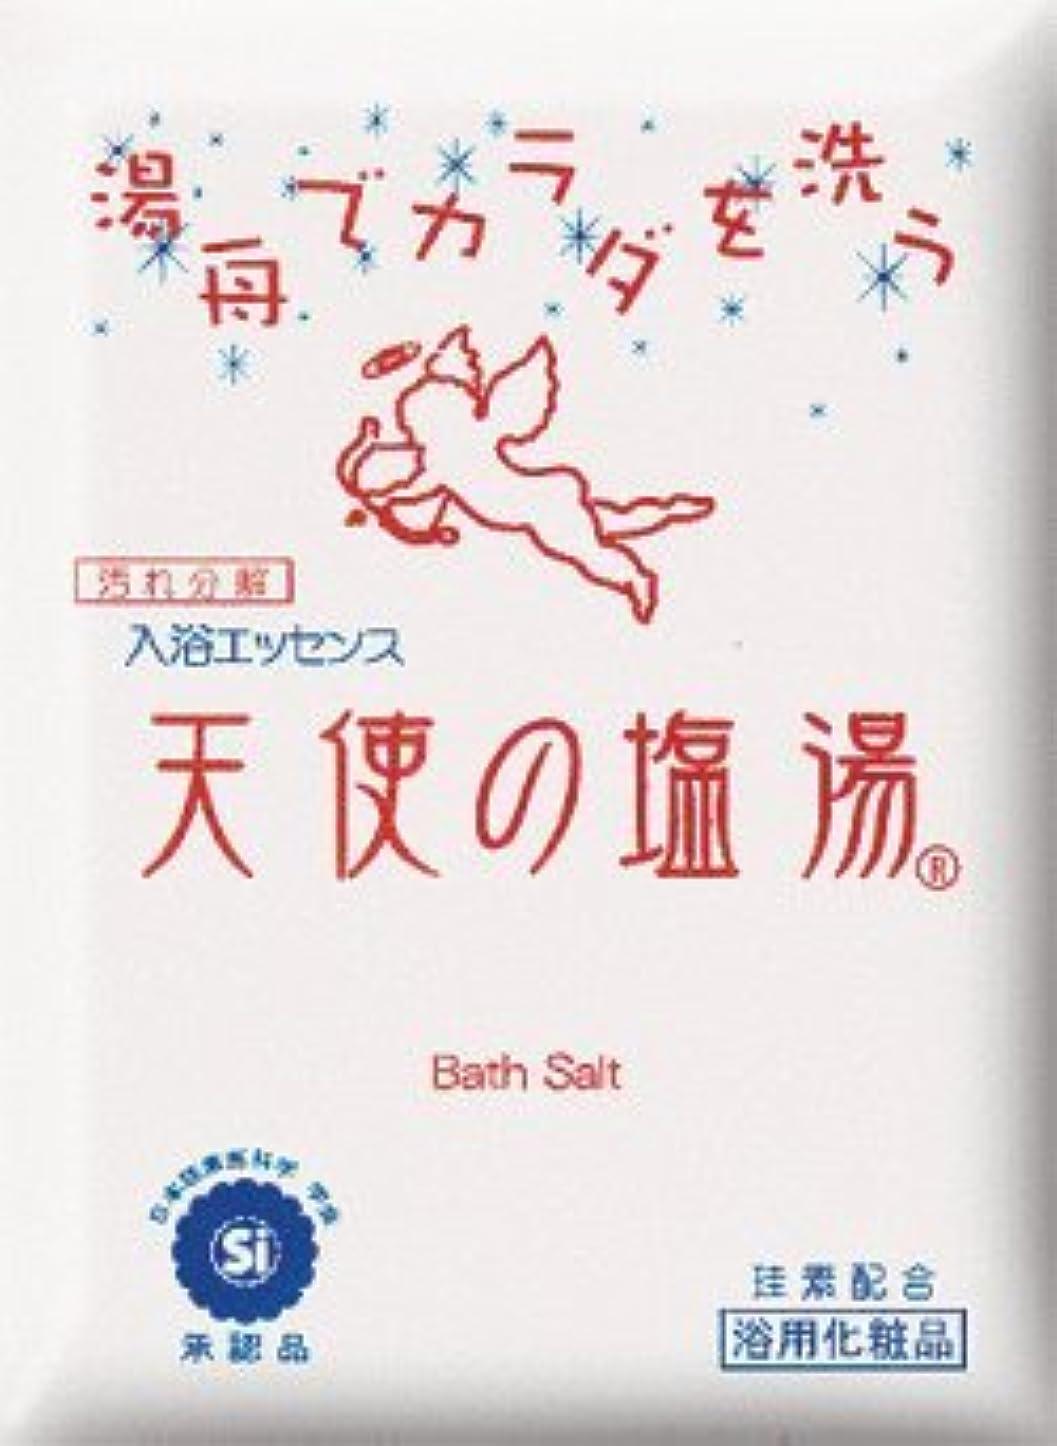 化学薬品ちっちゃい何でも天使の塩湯 (70g×20袋) ※浴槽でカラダを洗う!入浴エッセンス!